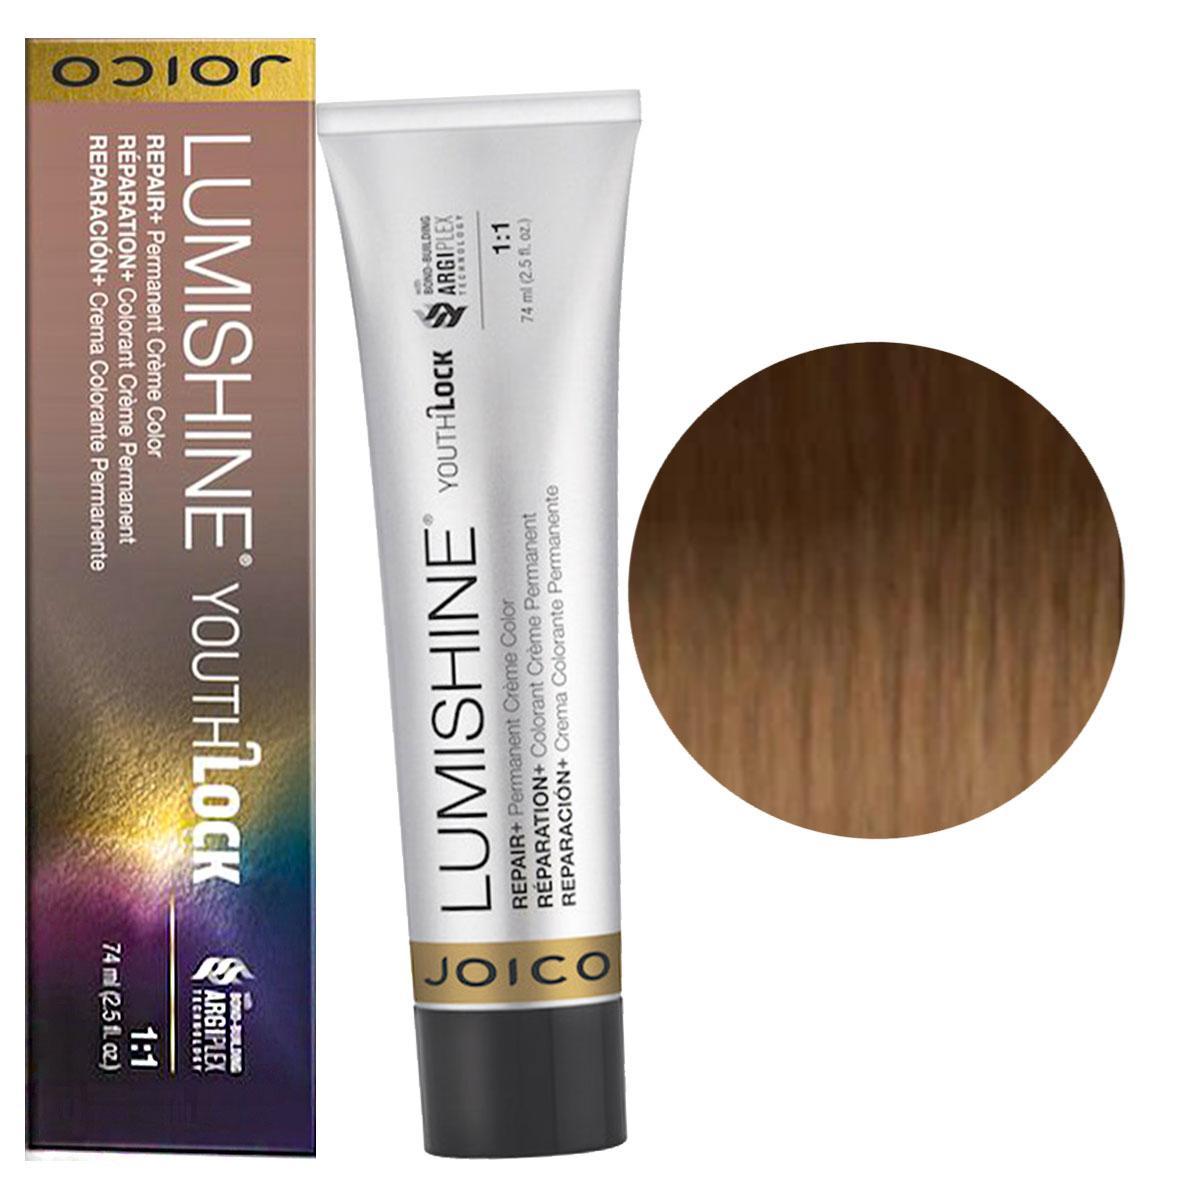 Фарба для сивого волосся Joico LumiShine YouthLock 74 мл 9NNG/9.003 Світлий блондин натурально-золотистий